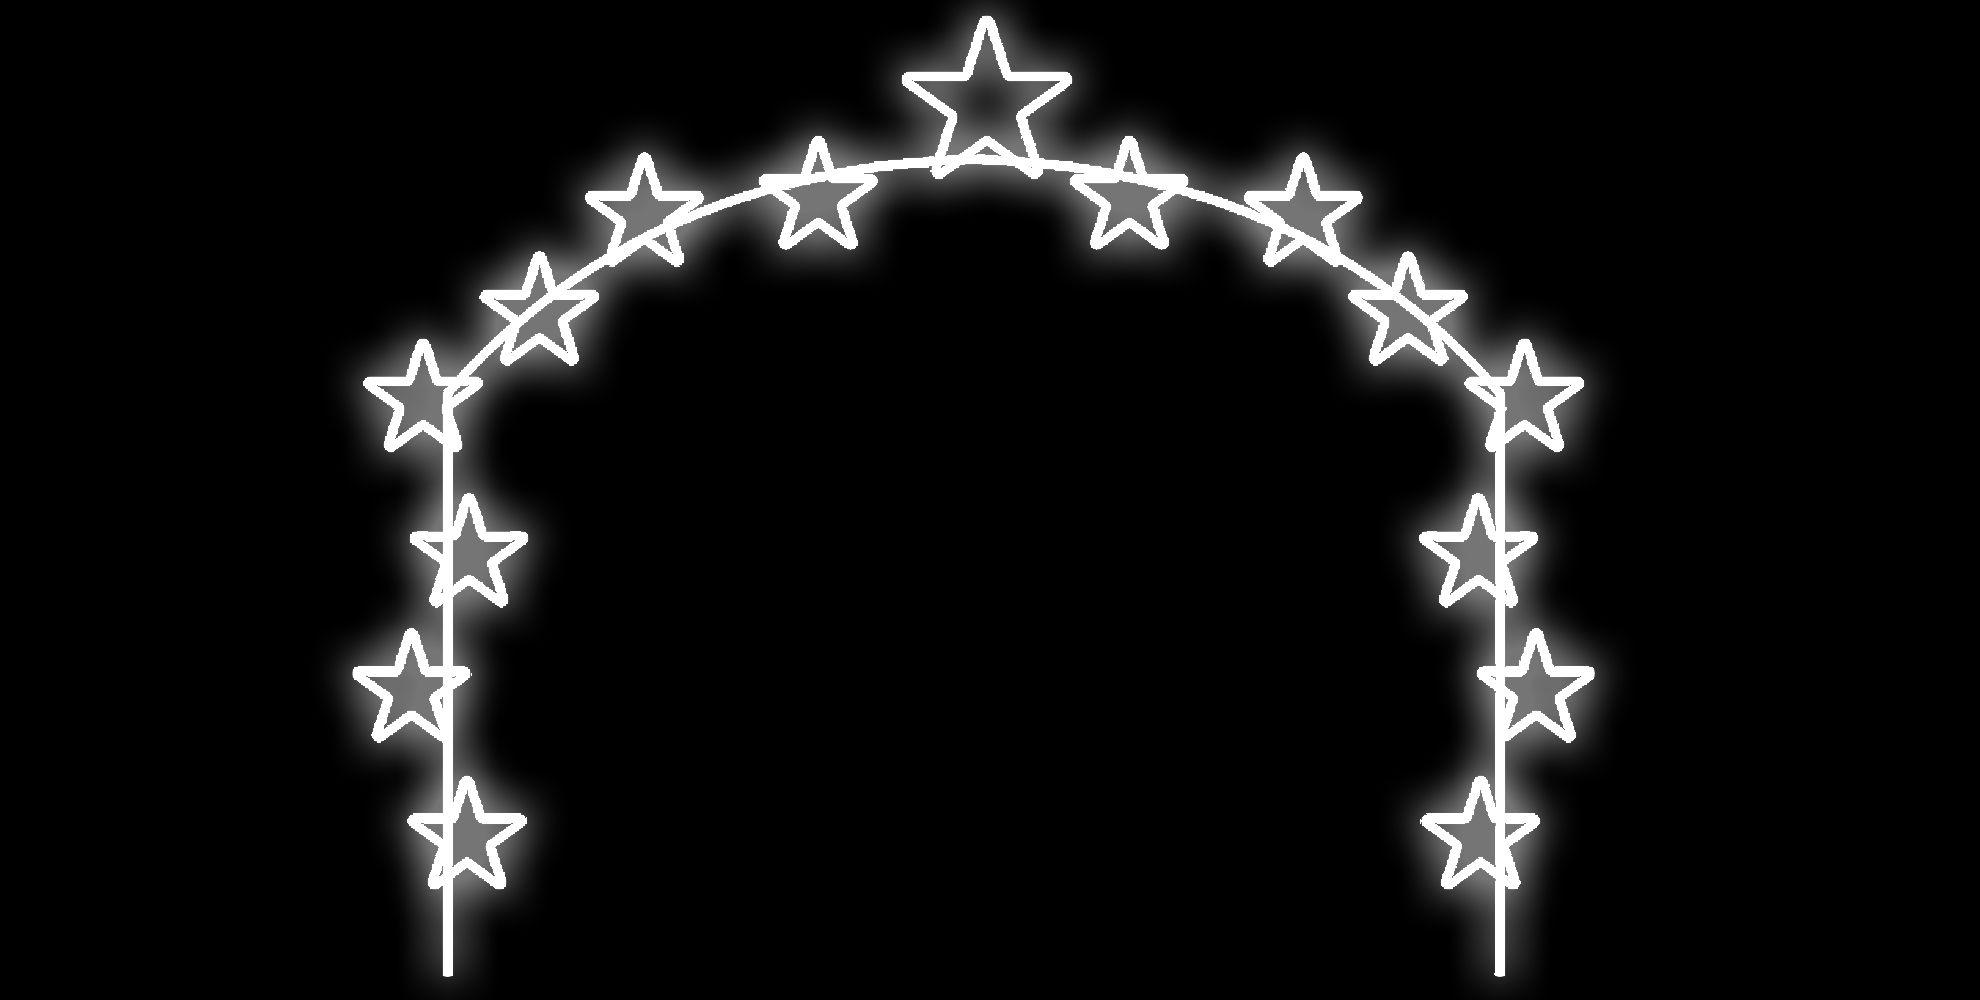 PO-042 - Painel Iluminado Led Céu Estrelado - (Veja Opções Tamanhos)